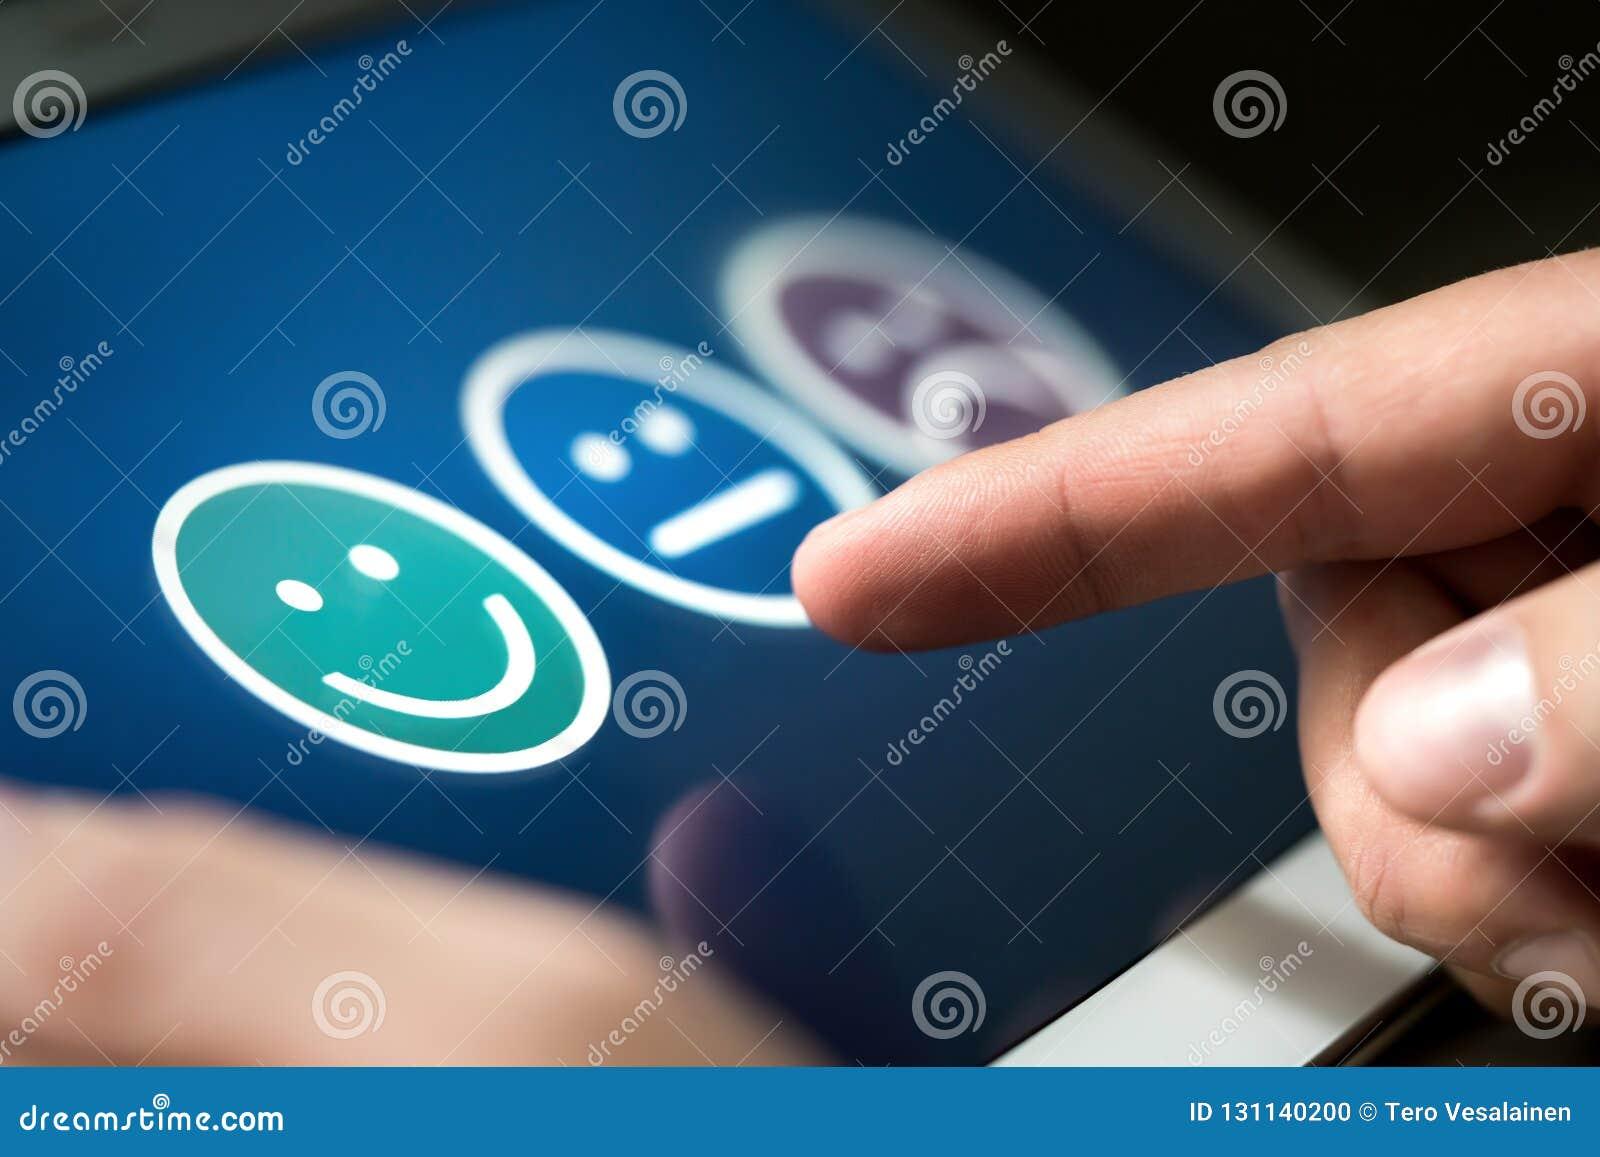 Onderzoek, opiniepeiling of vragenlijst voor gebruikerservaring of het onderzoek van de klantentevredenheid